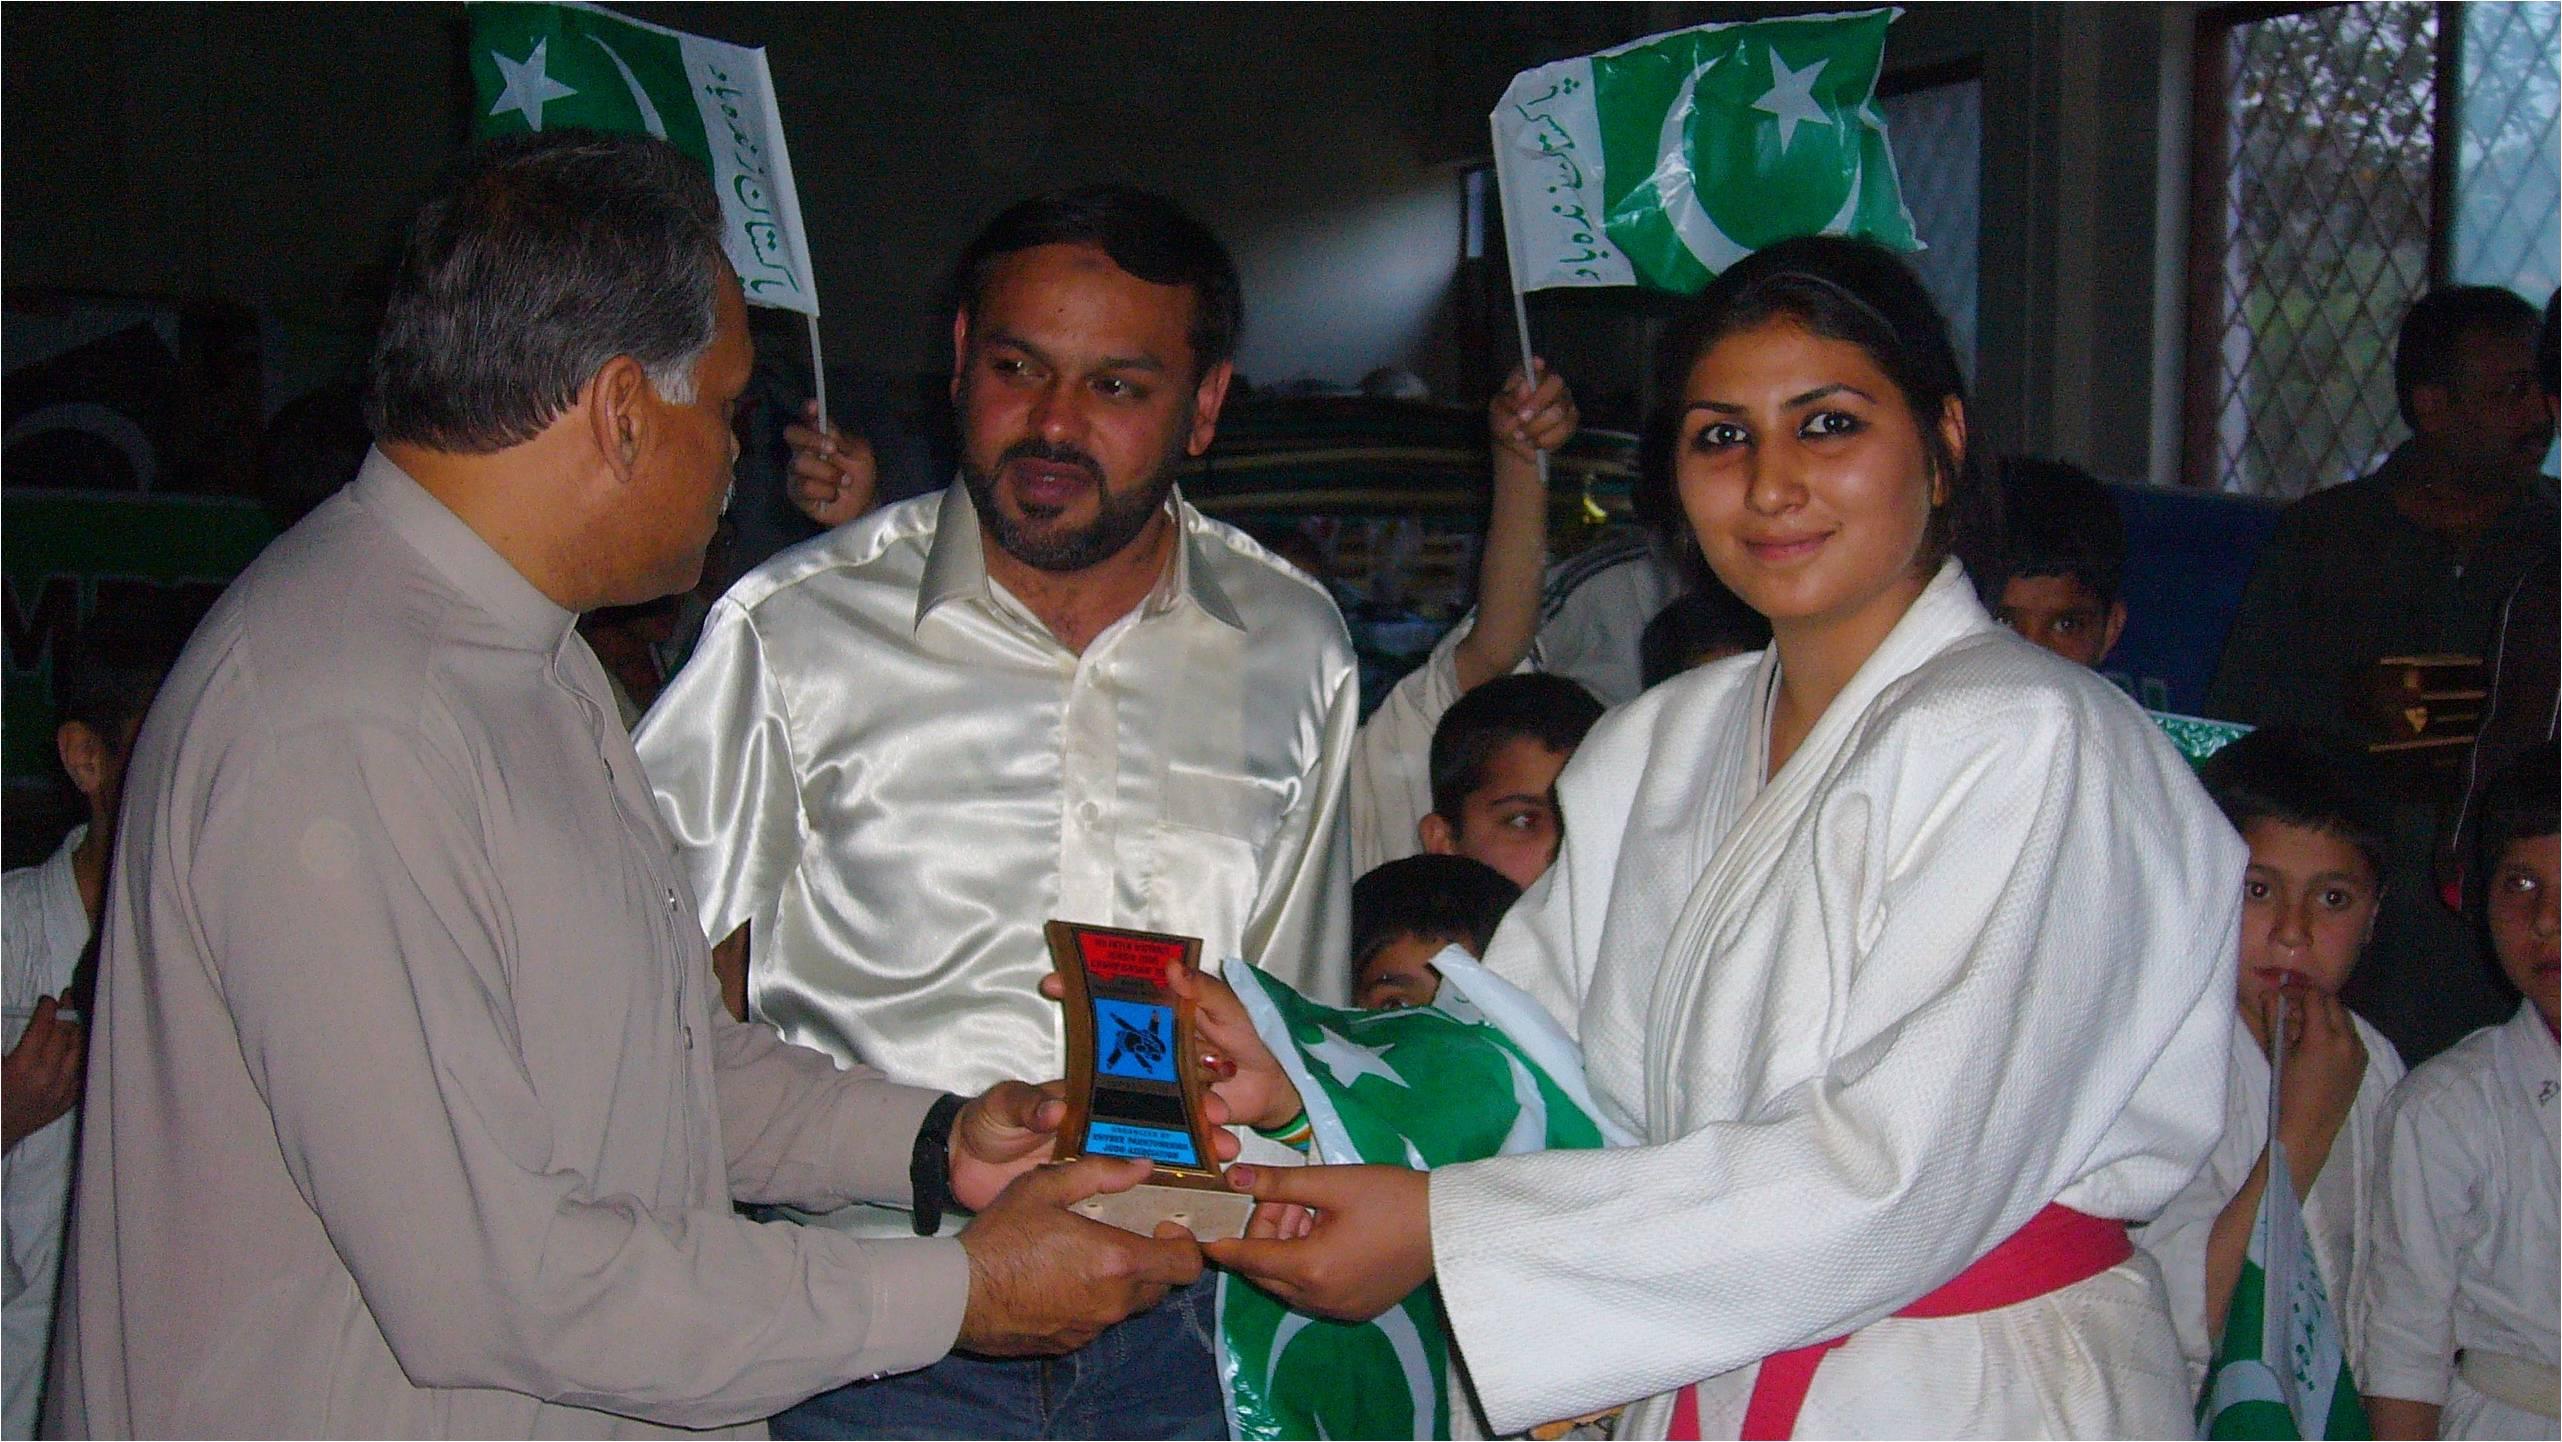 Khyber Pakhtunkhawa Cadet Judo Championships-2012